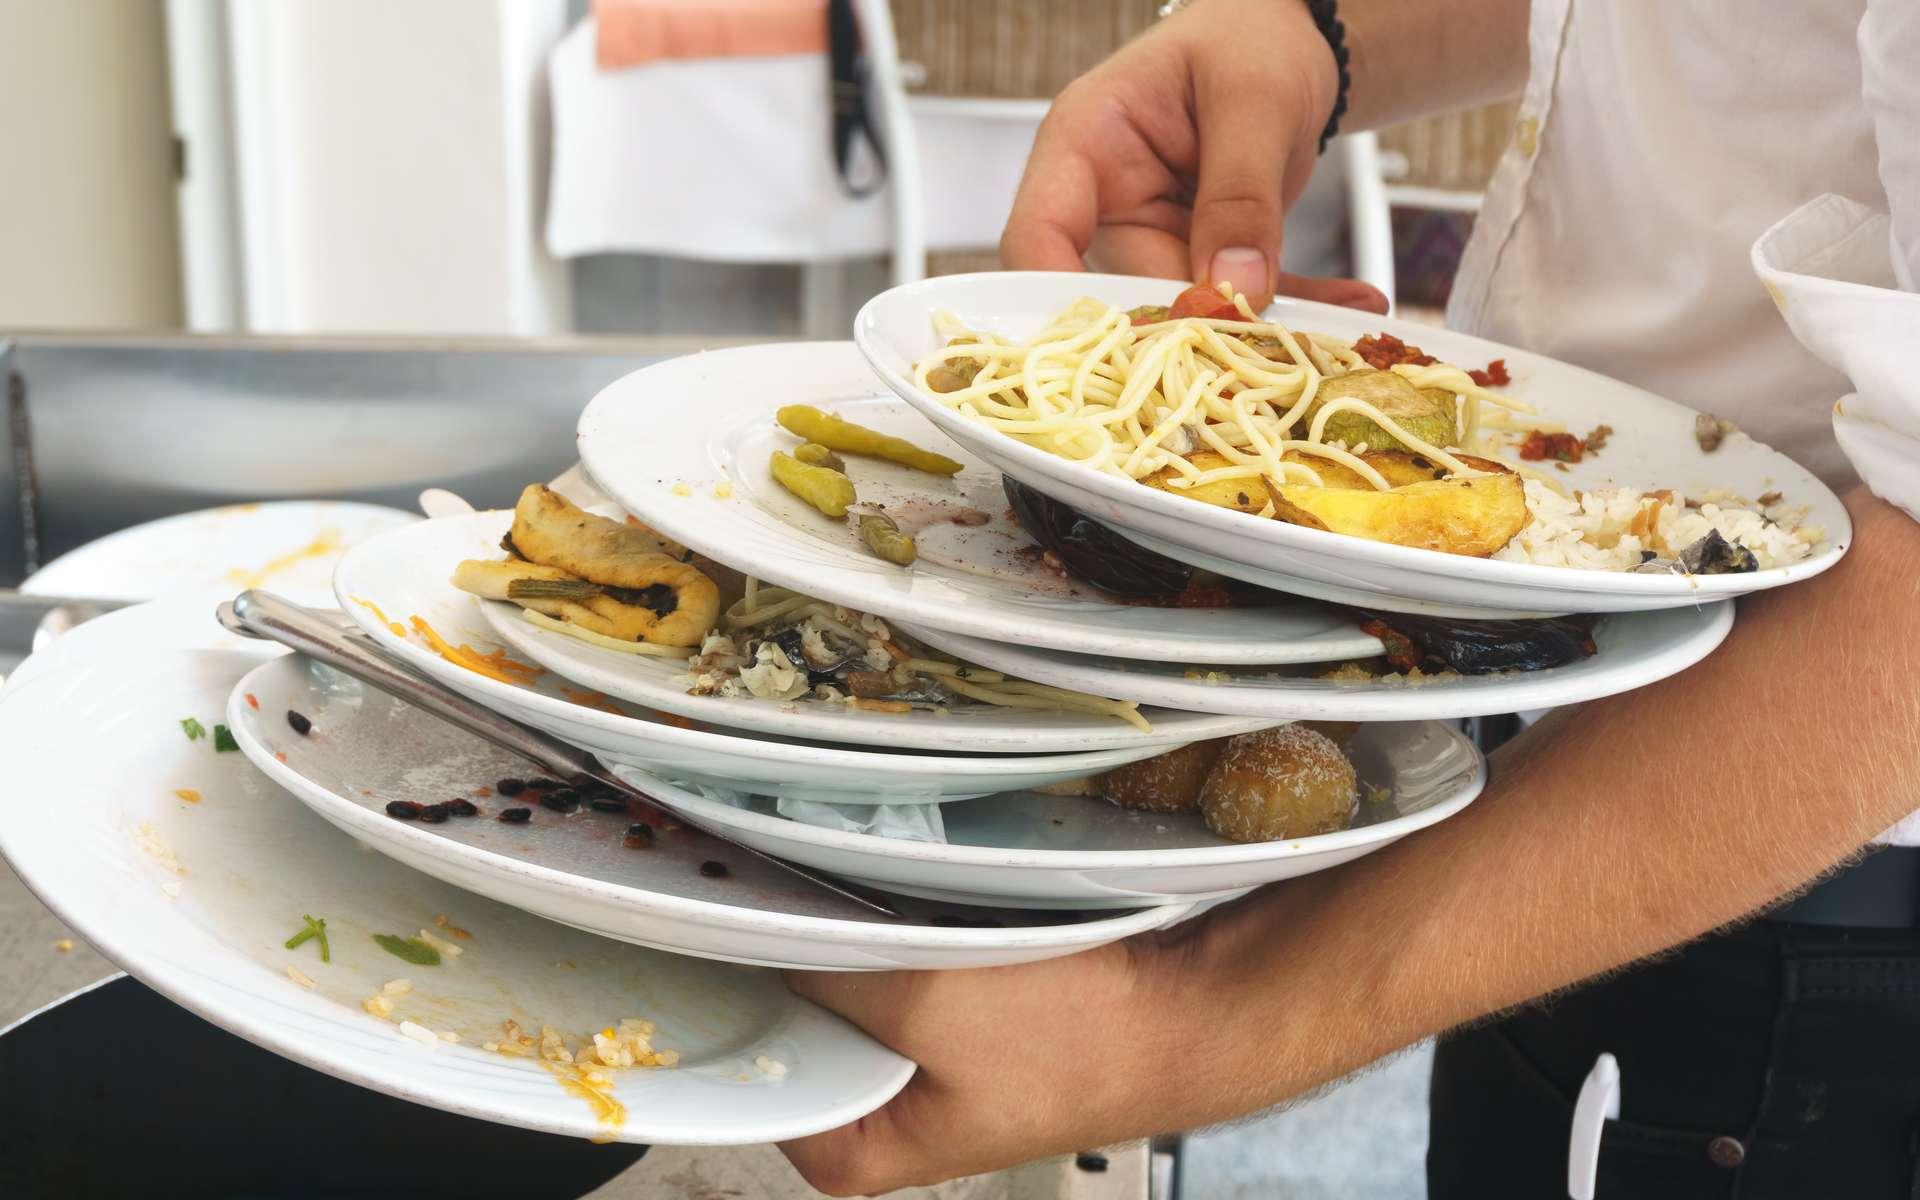 La prise de conscience semble être efficace pour réduire le gaspillage et les déchets alimentaires. © kpn1968, Adobe Stock